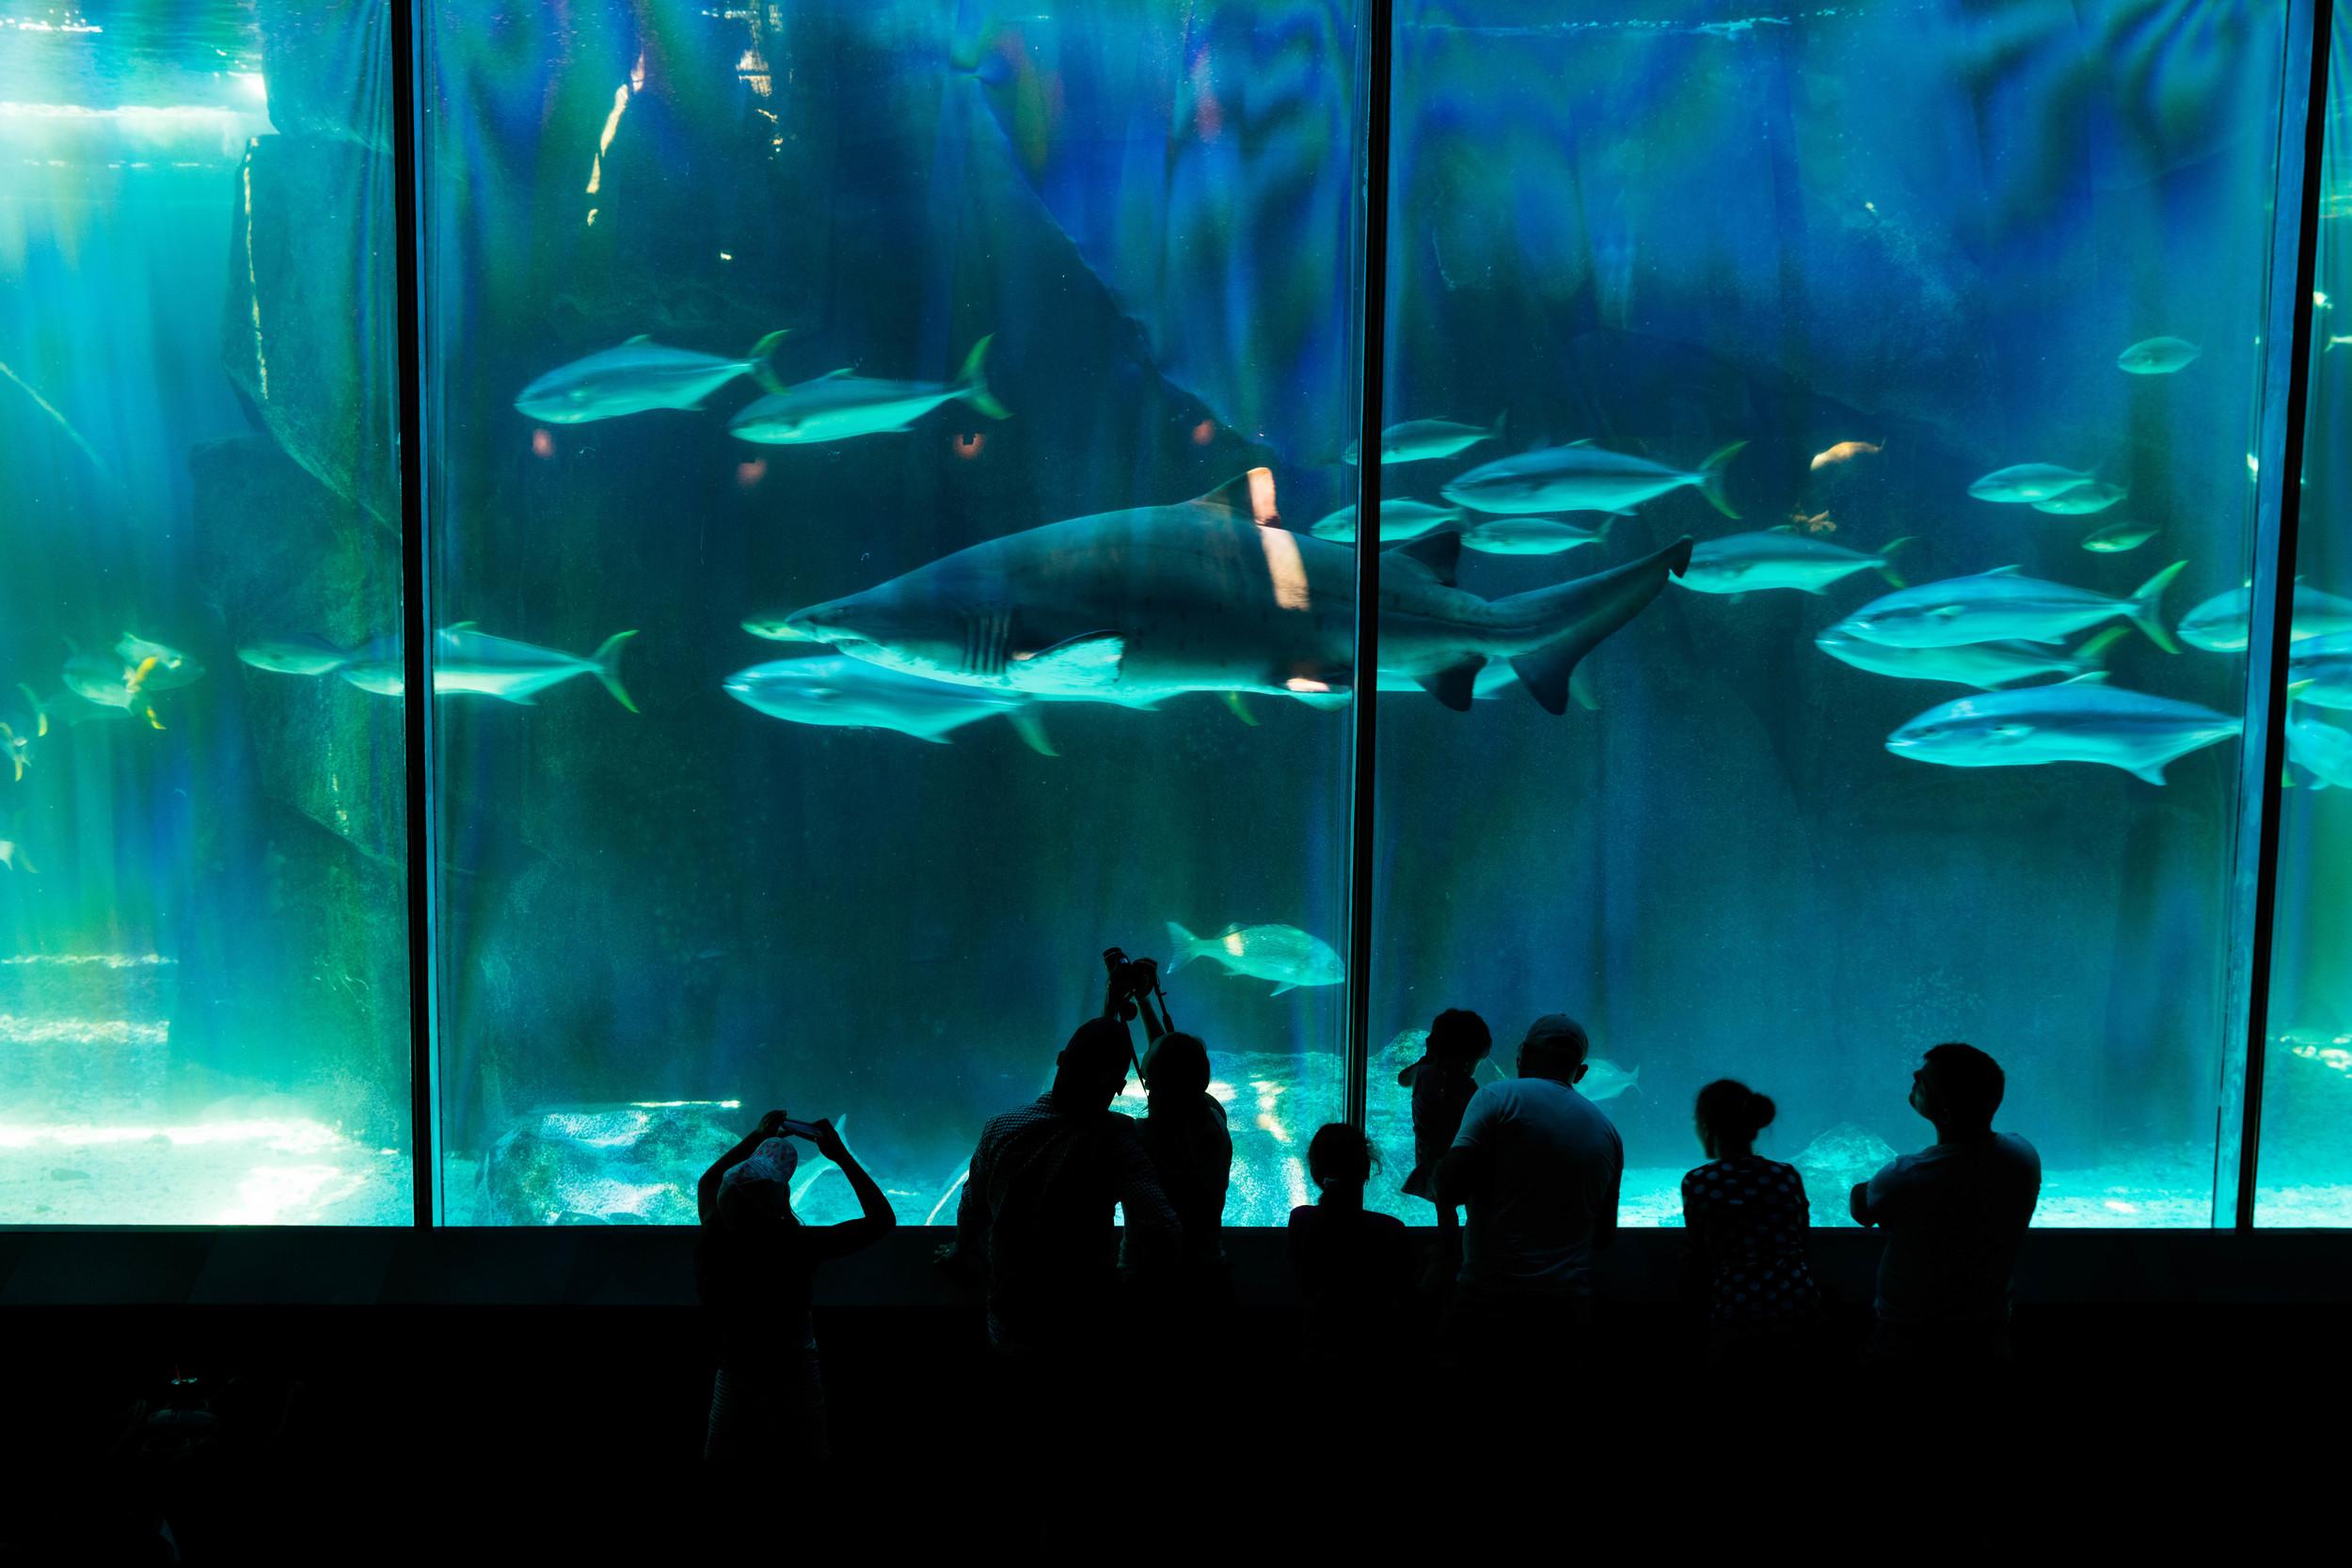 Aquarium, Cape Town, South Africa